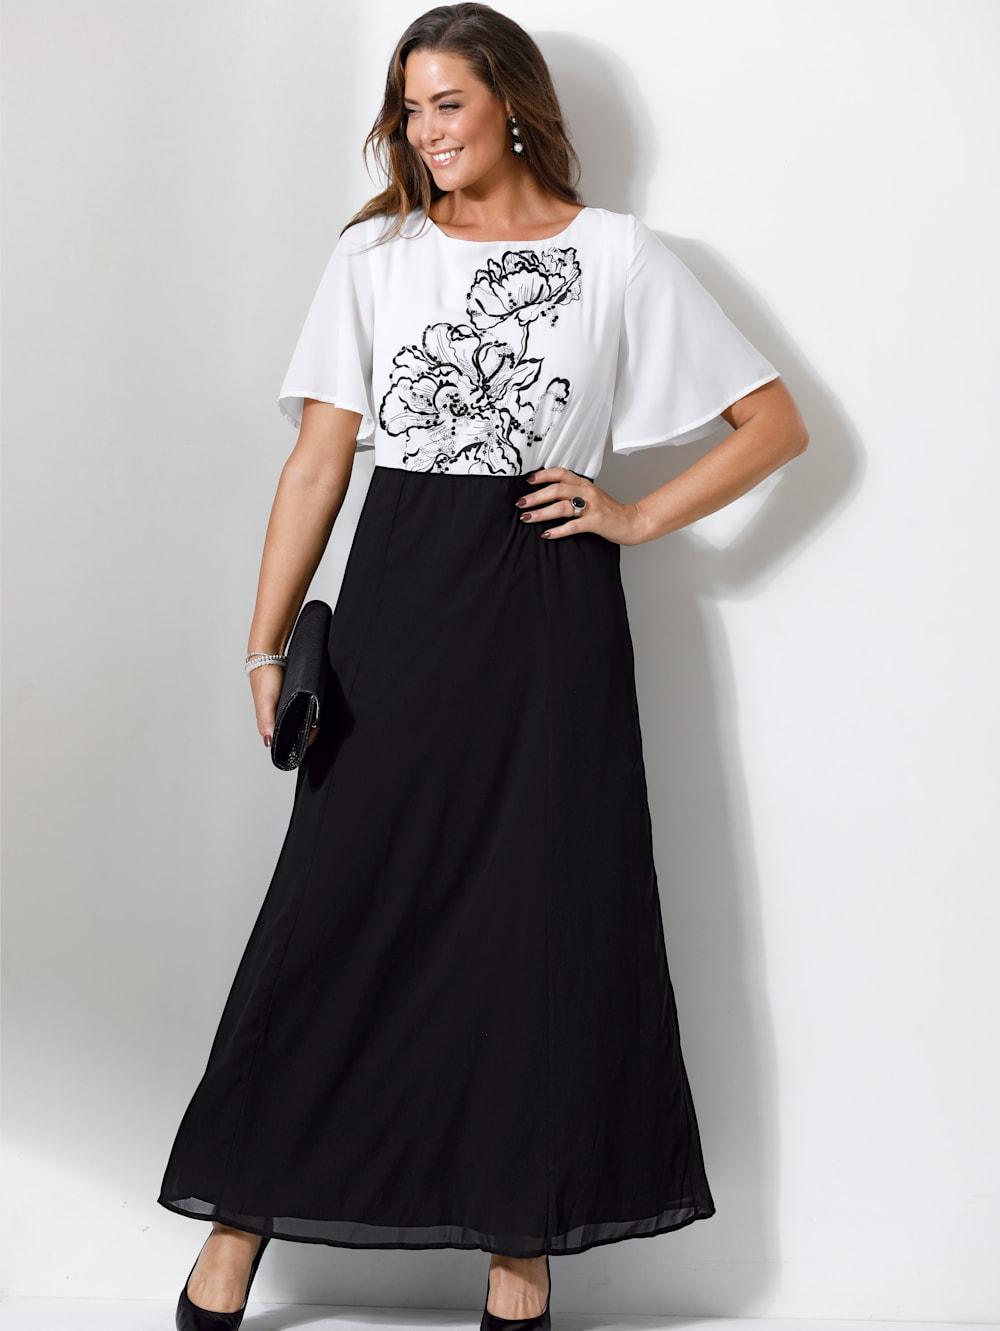 miamoda abendkleid mit floraler stickerei und pailletten besetzt | mia moda